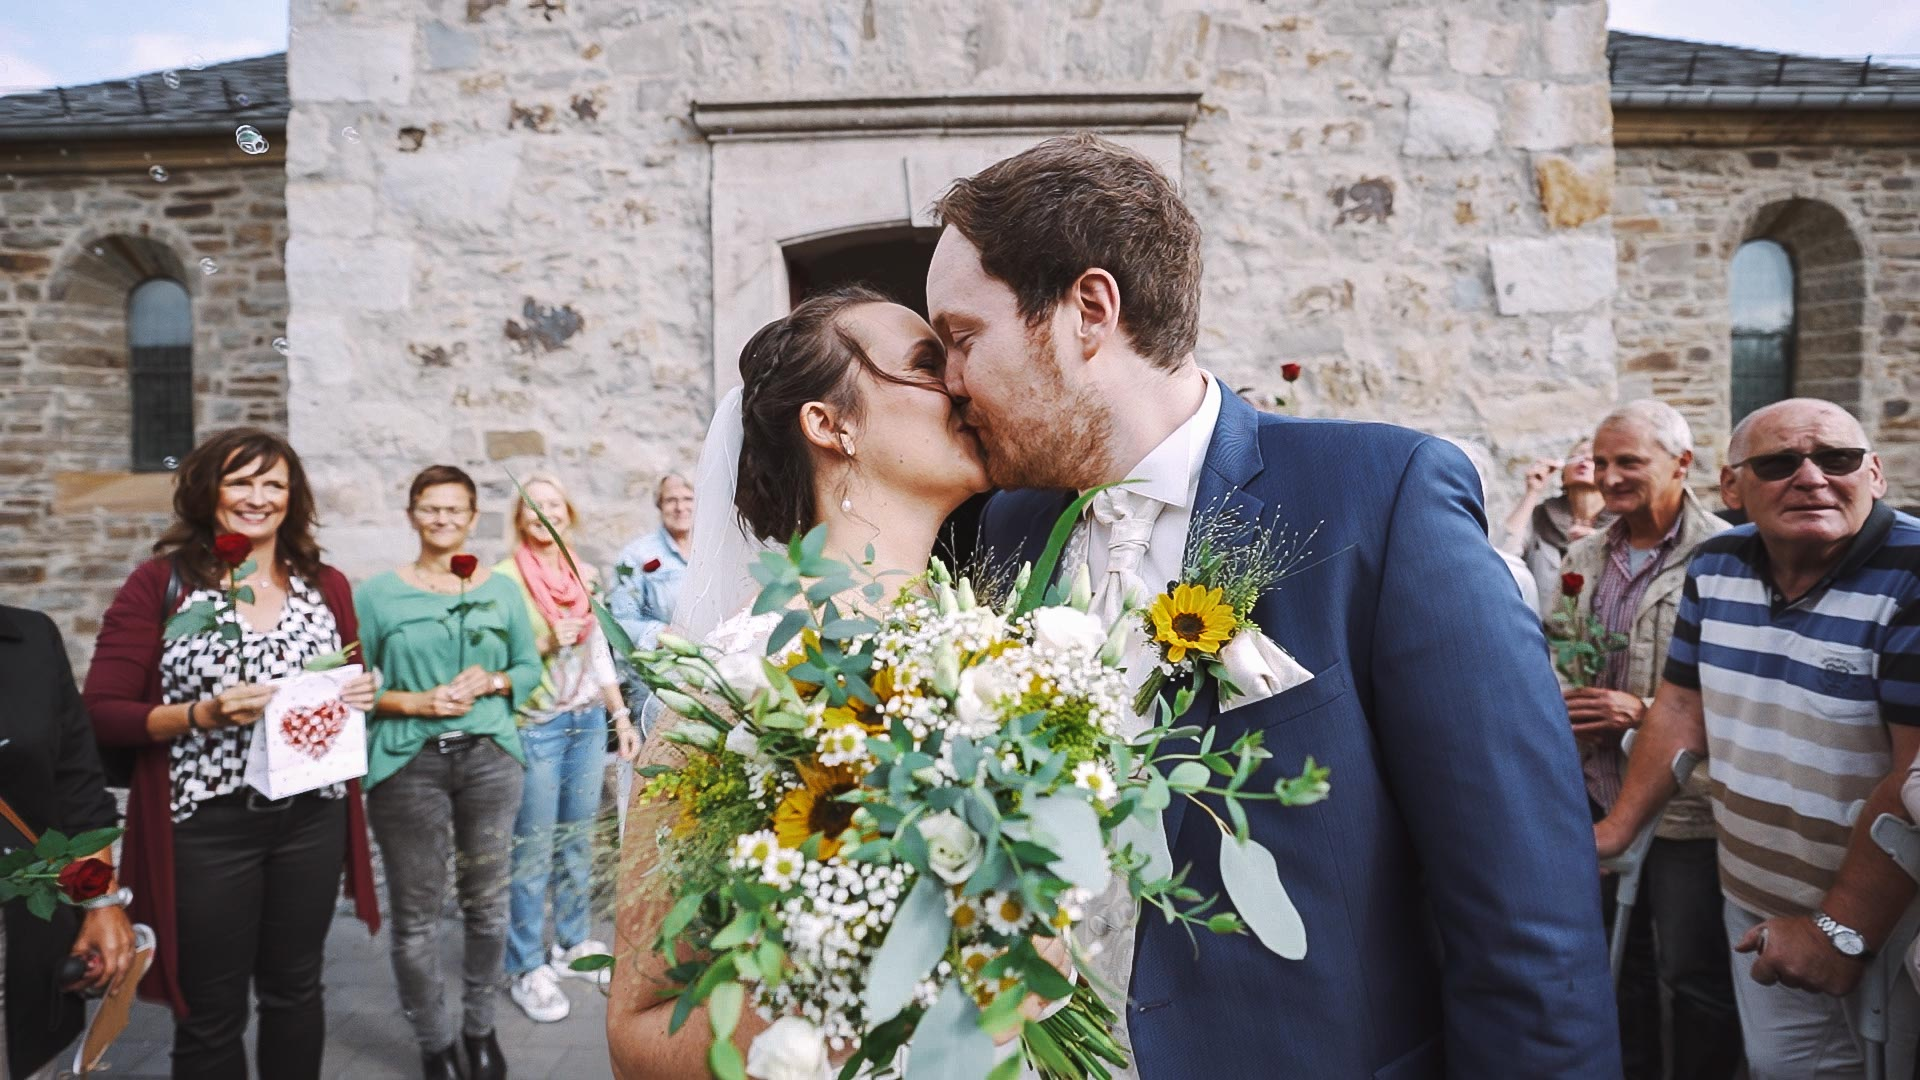 Till + Lara Hochzeit Schloss Eulenbroich - Hochzeitsvideograf - Hochzeitsfilm - Filmemacher - Hochzeitsvideo